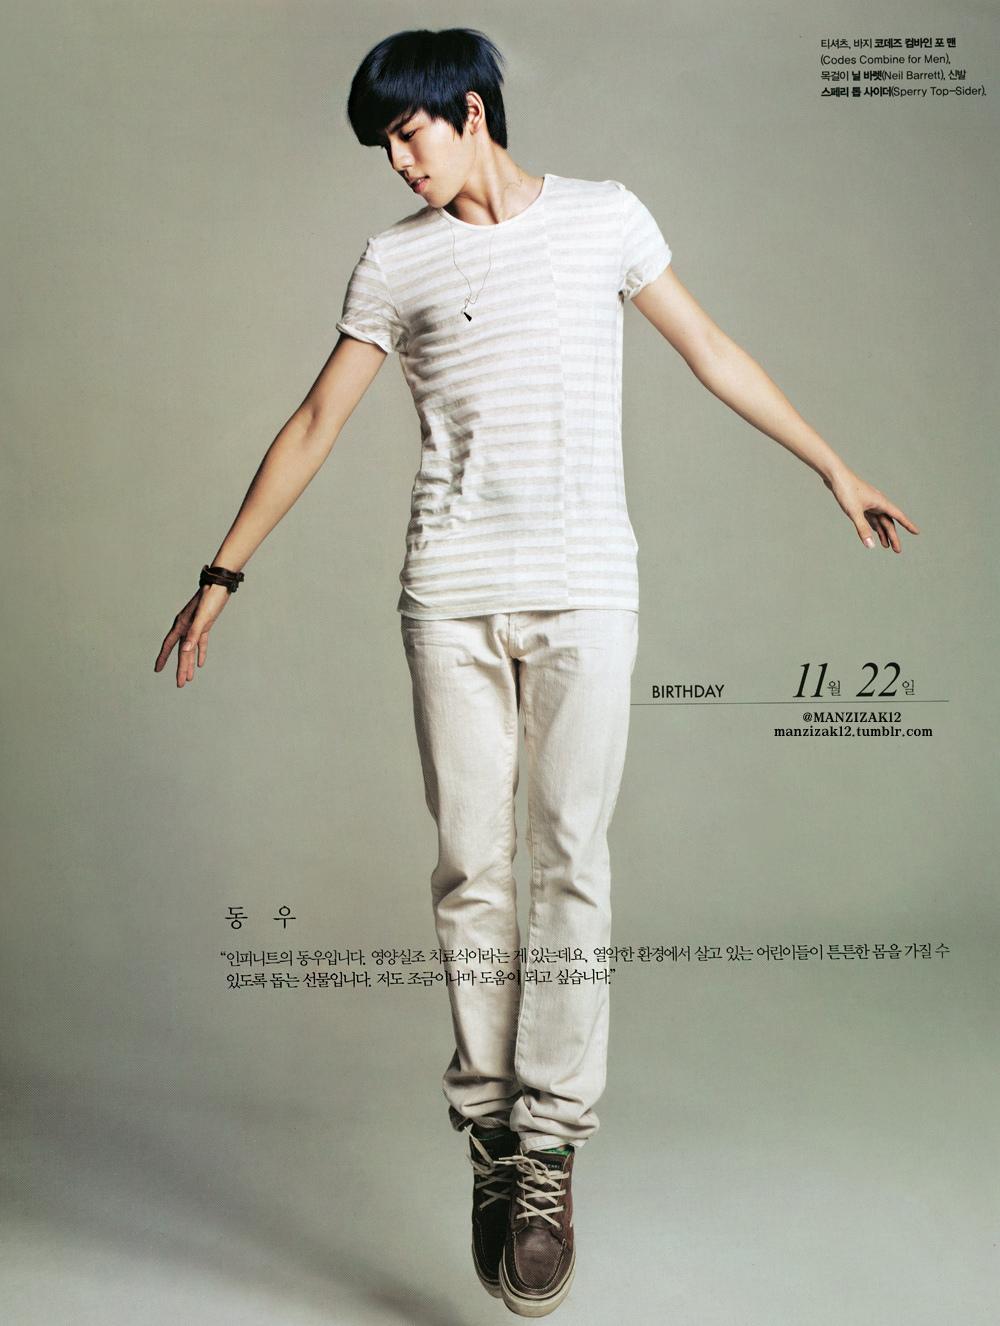 DongWoo_20120522160413.jpg